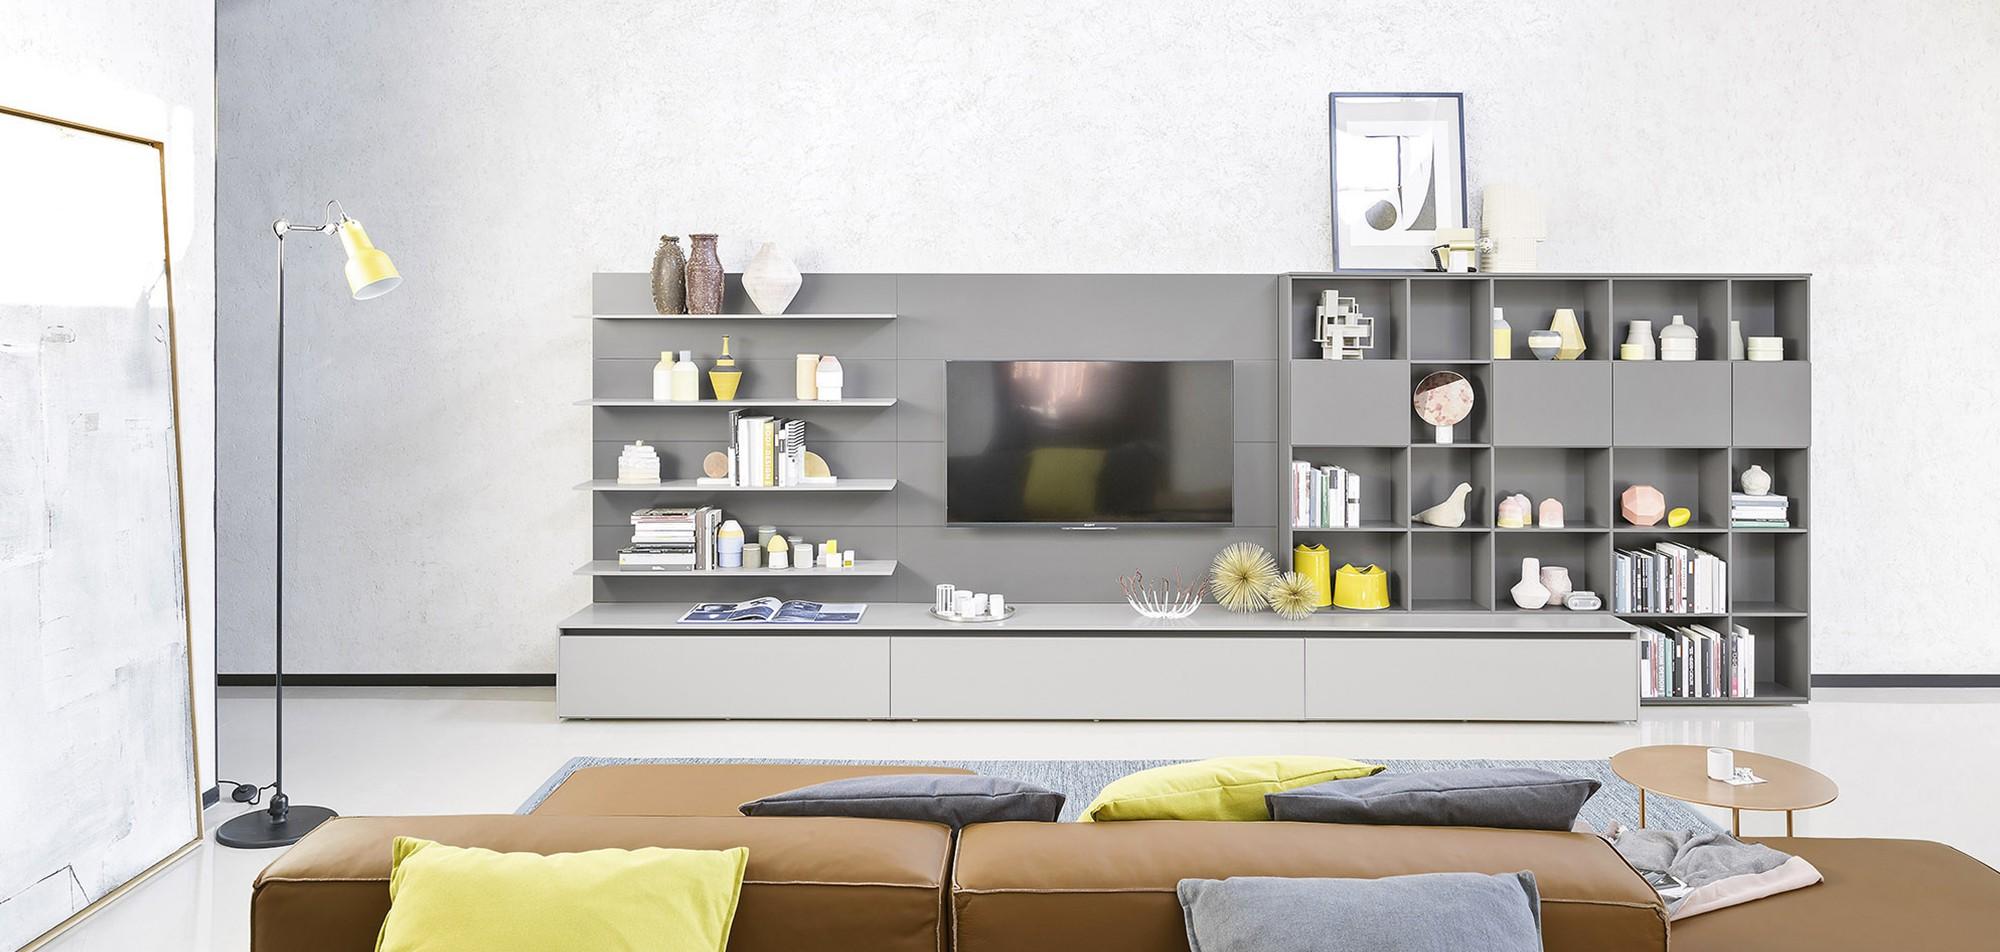 Wall 12 cecchini store for Arredamenti cecchini